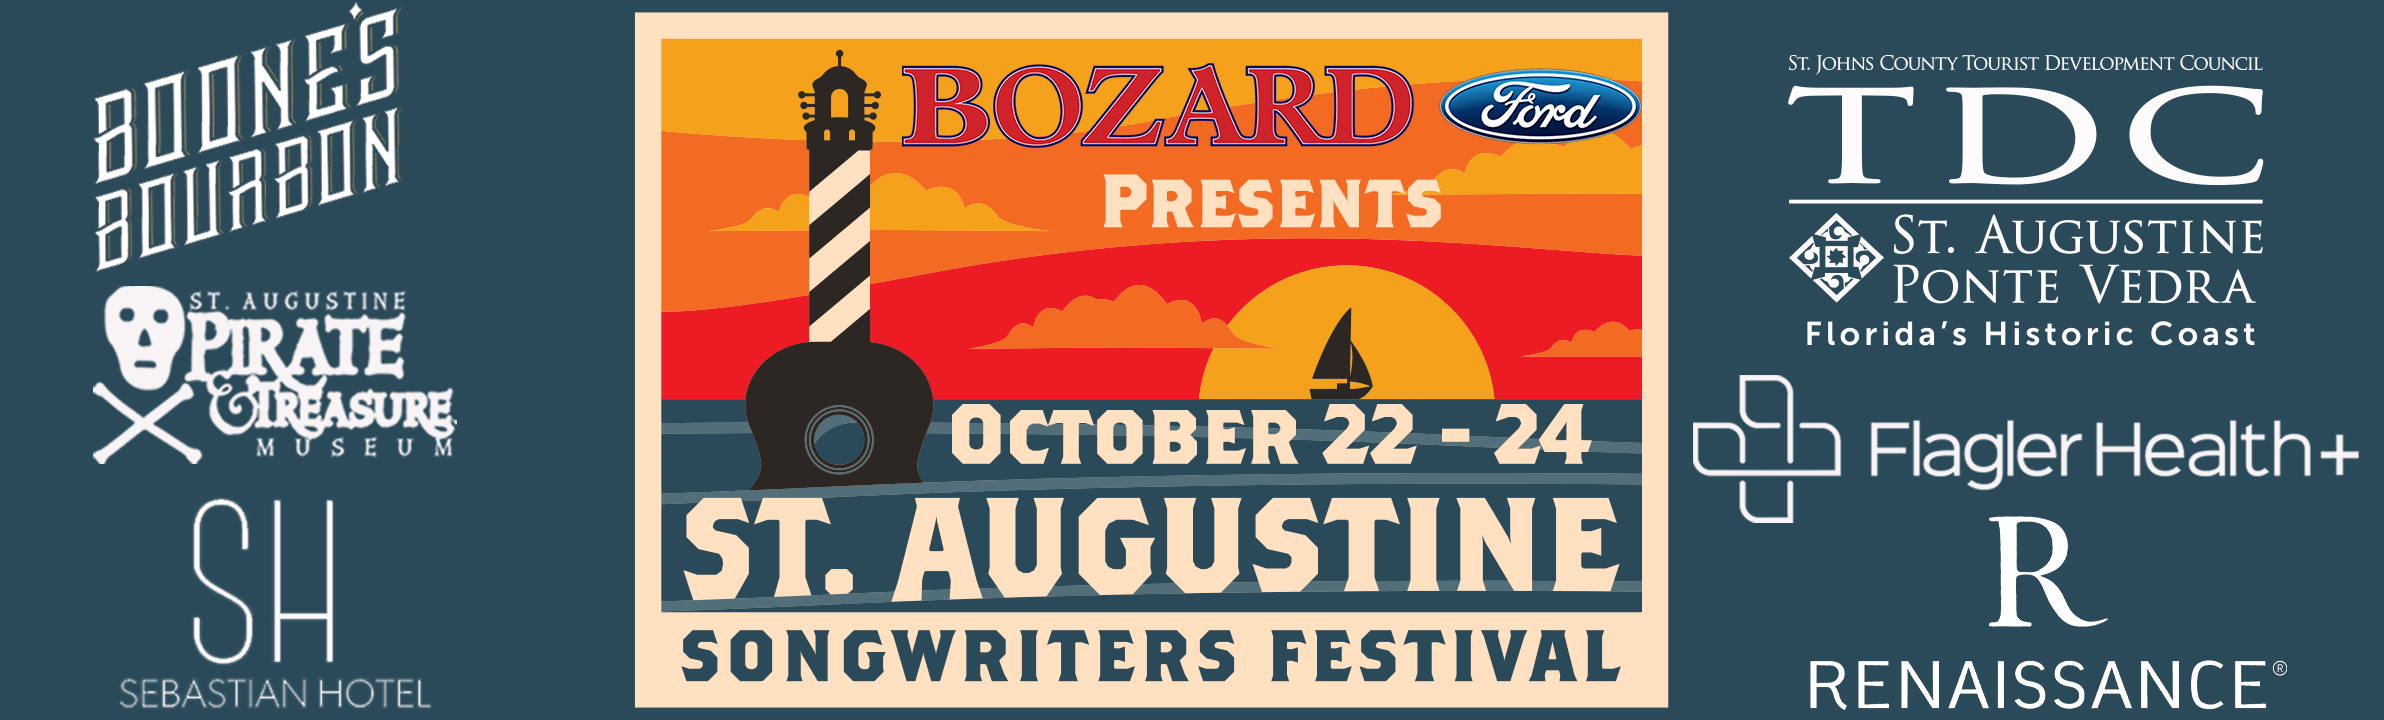 St. Augustine Singer Songwriter's Festival